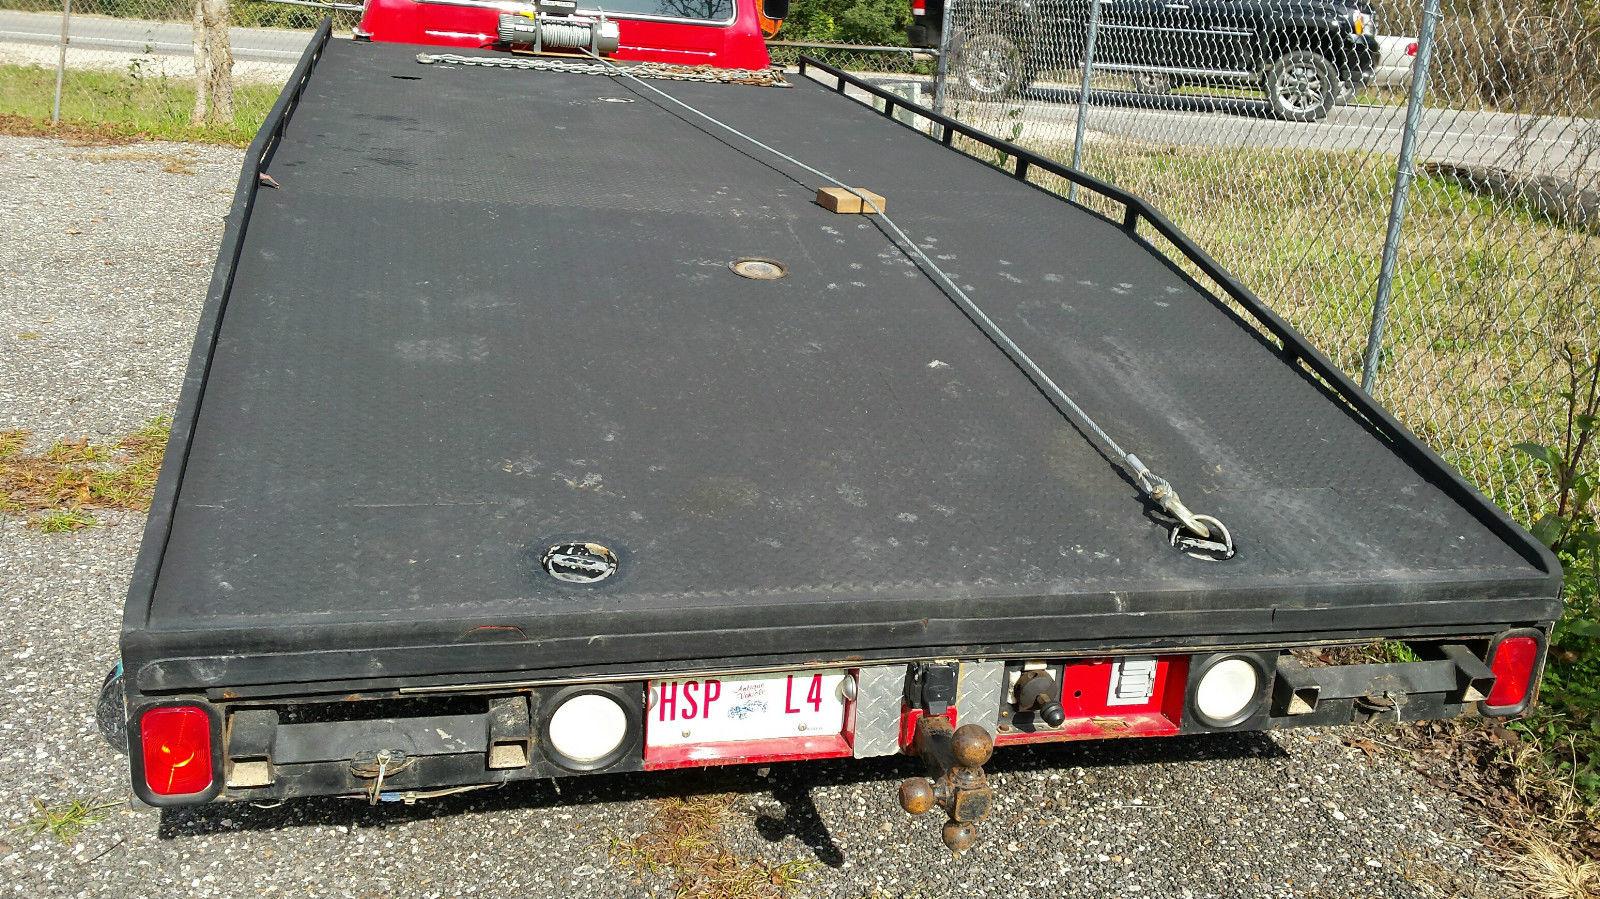 1977 Ford F350 Carhauler Ramp Truck Hodges Wedge Flatbed